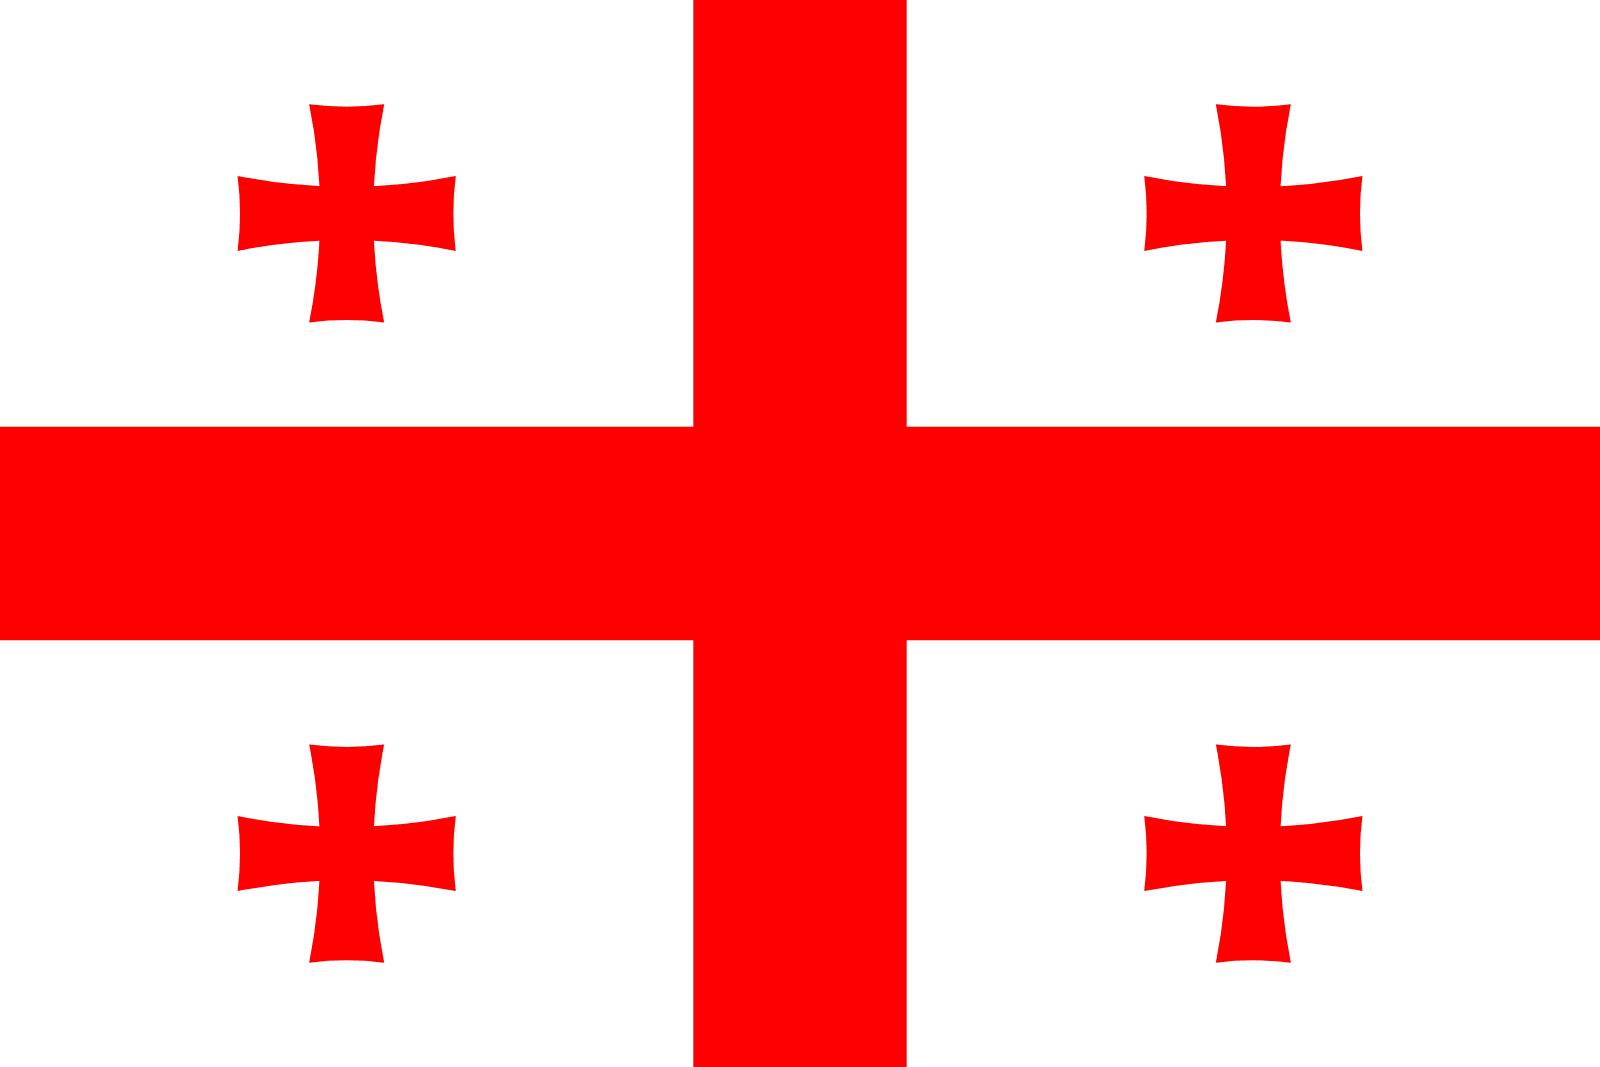 Georgia banderas de pa ses for Georgia fotos